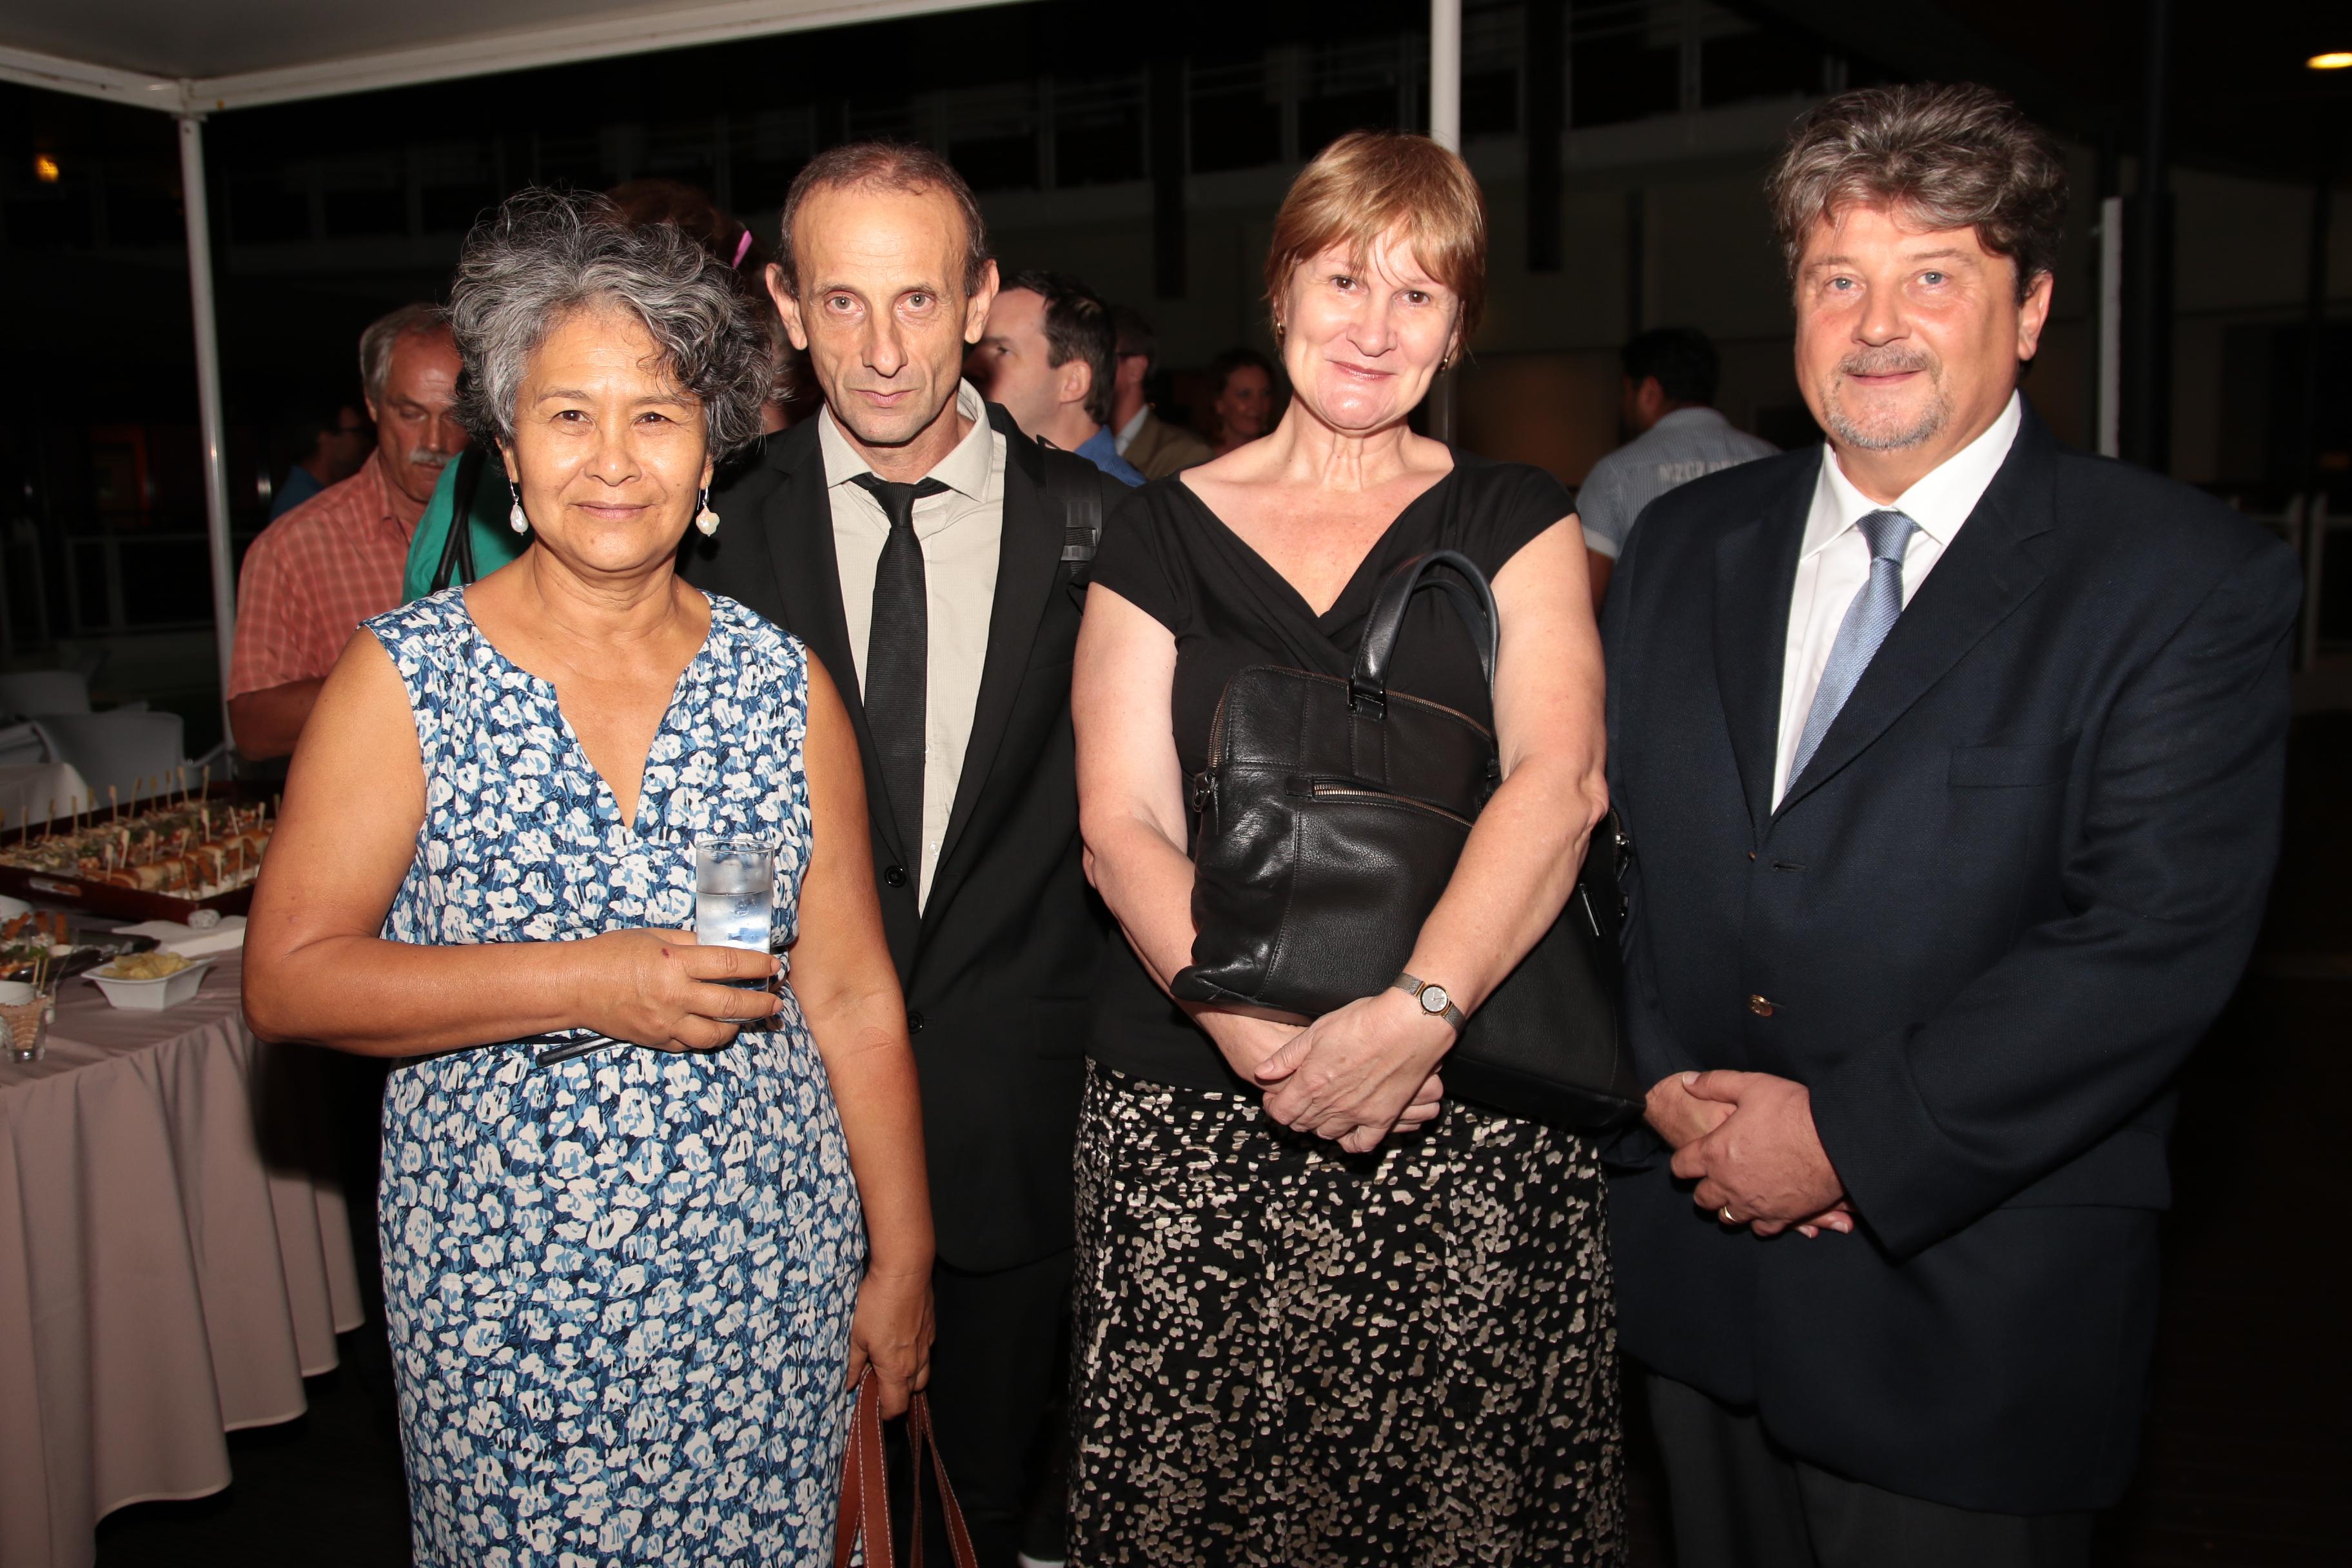 Myrna Dalleau, IA-IPR d'anglais, Pascal Schrapffer, Doyen IA-IPR de Sciences physiques, Helen Cécil, IA-IPR d'anglais, et Philippe Marciniak